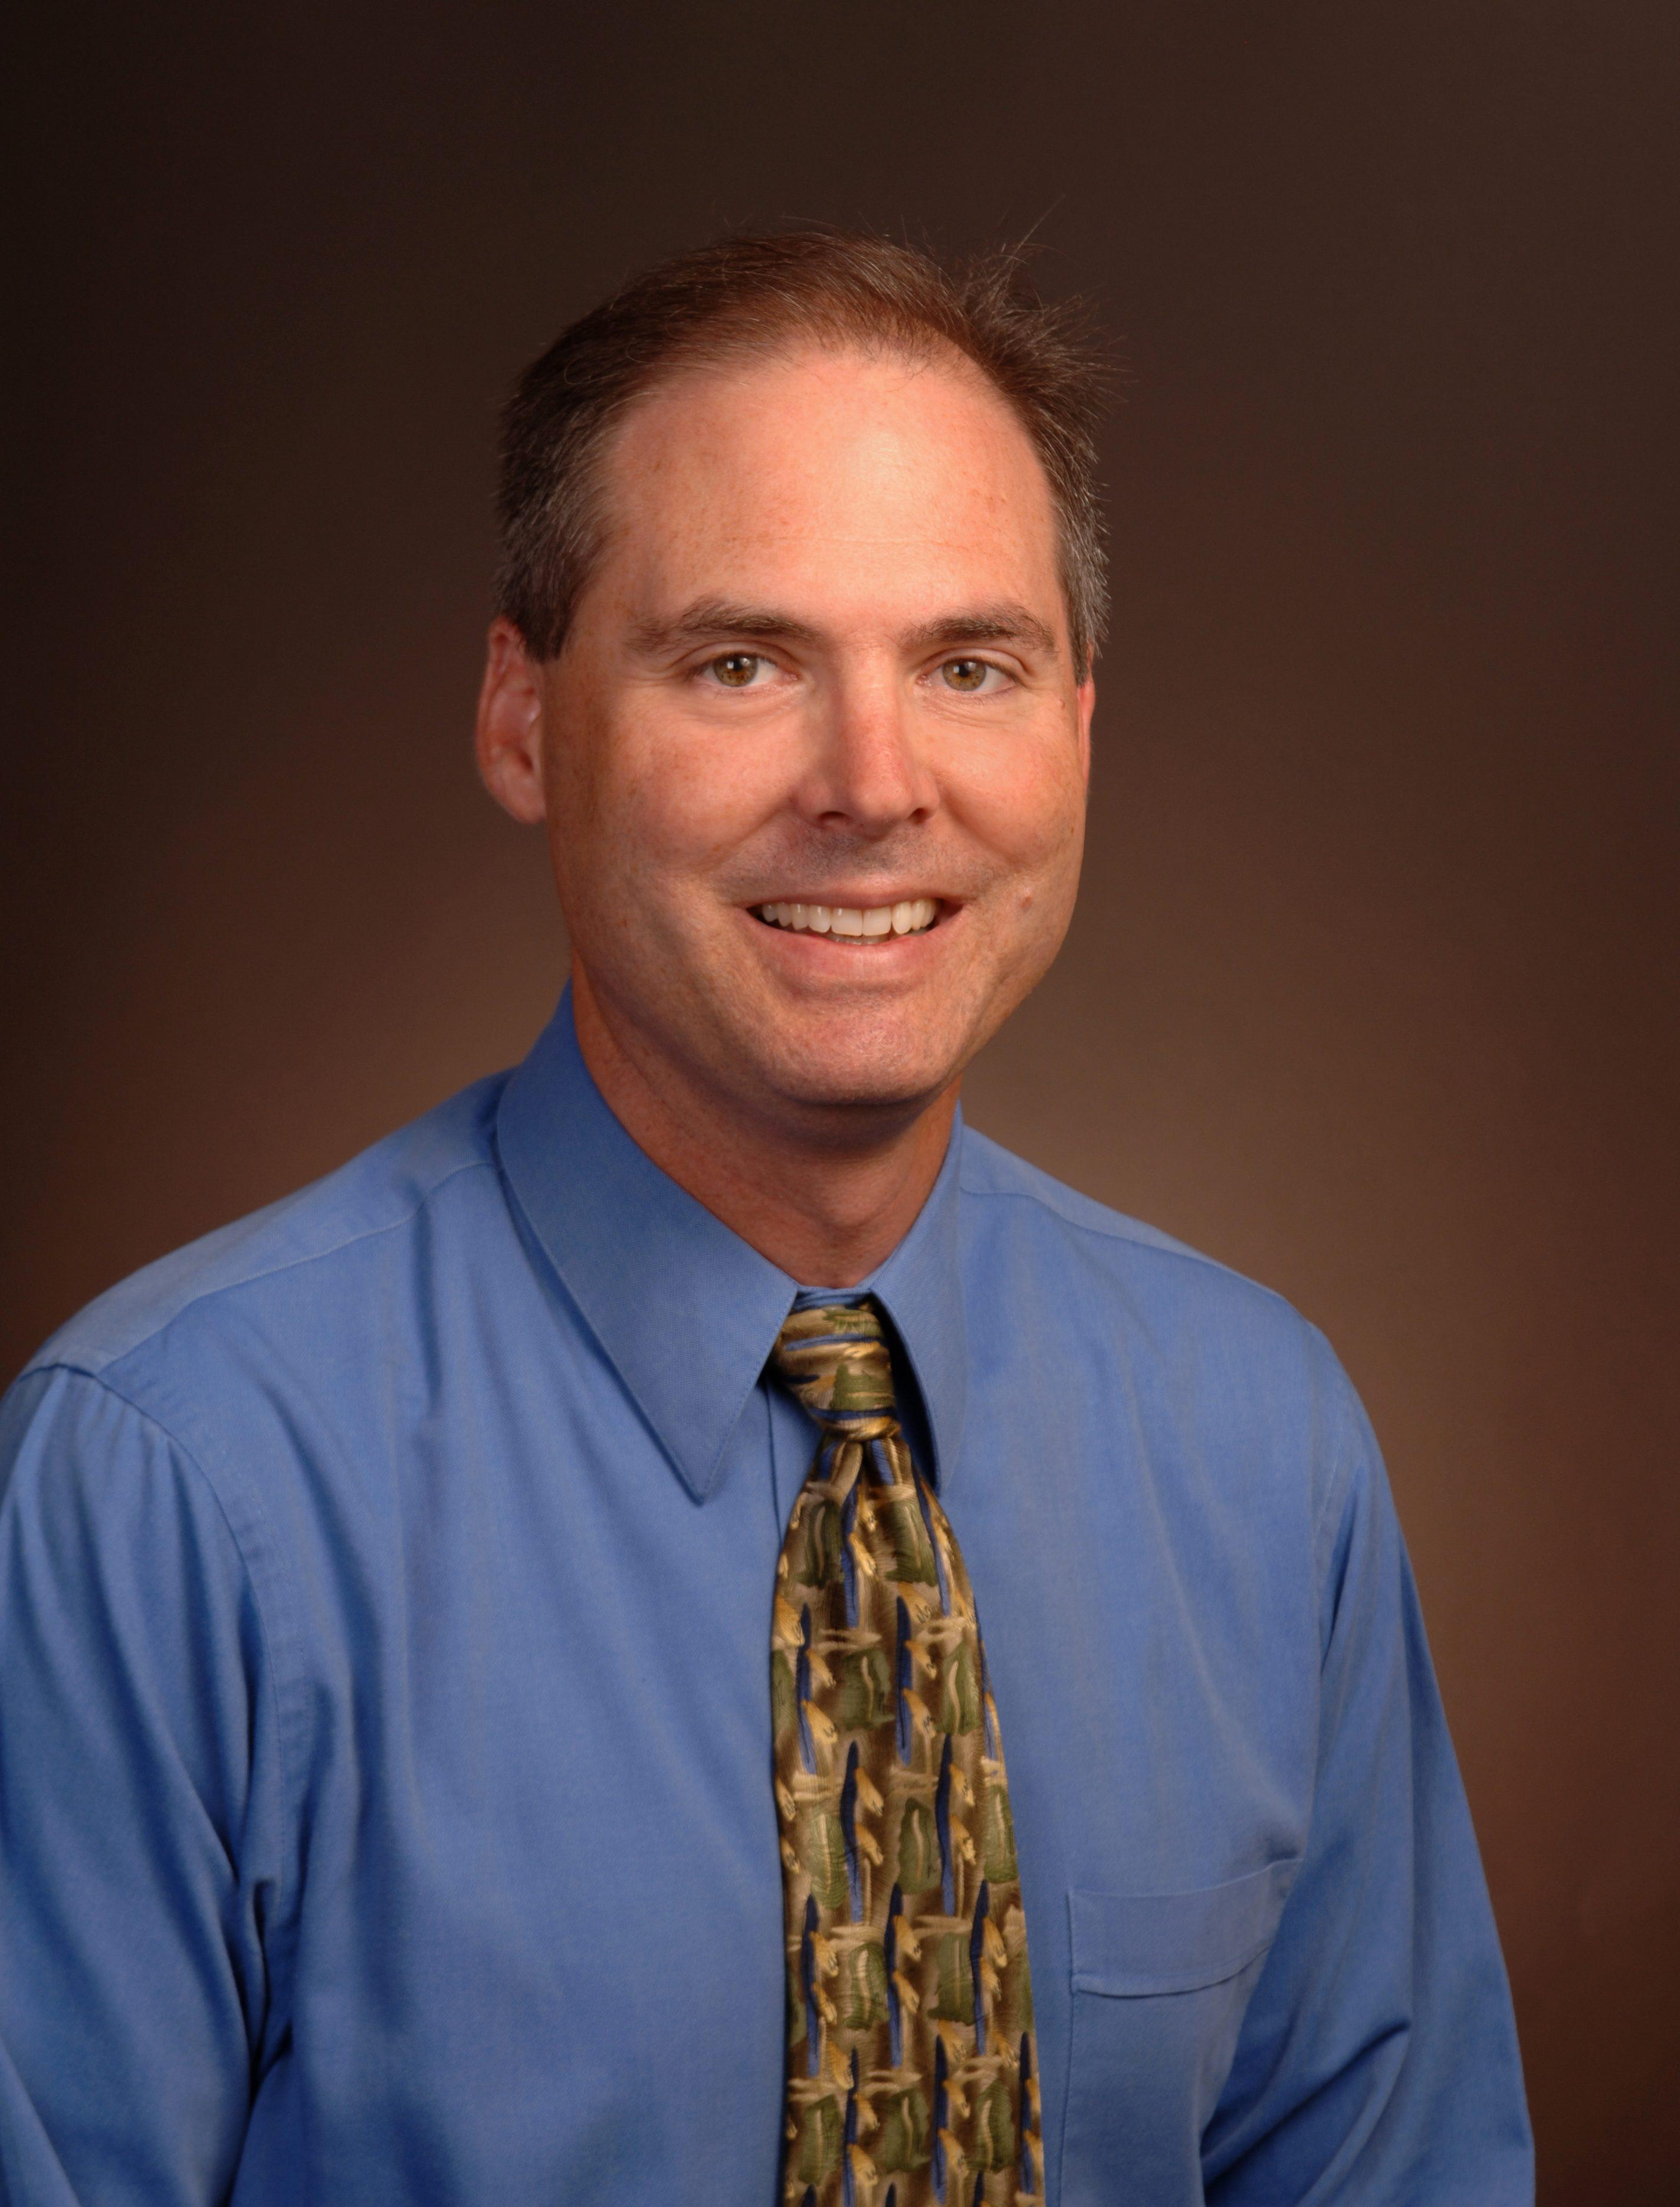 Jon Meyers